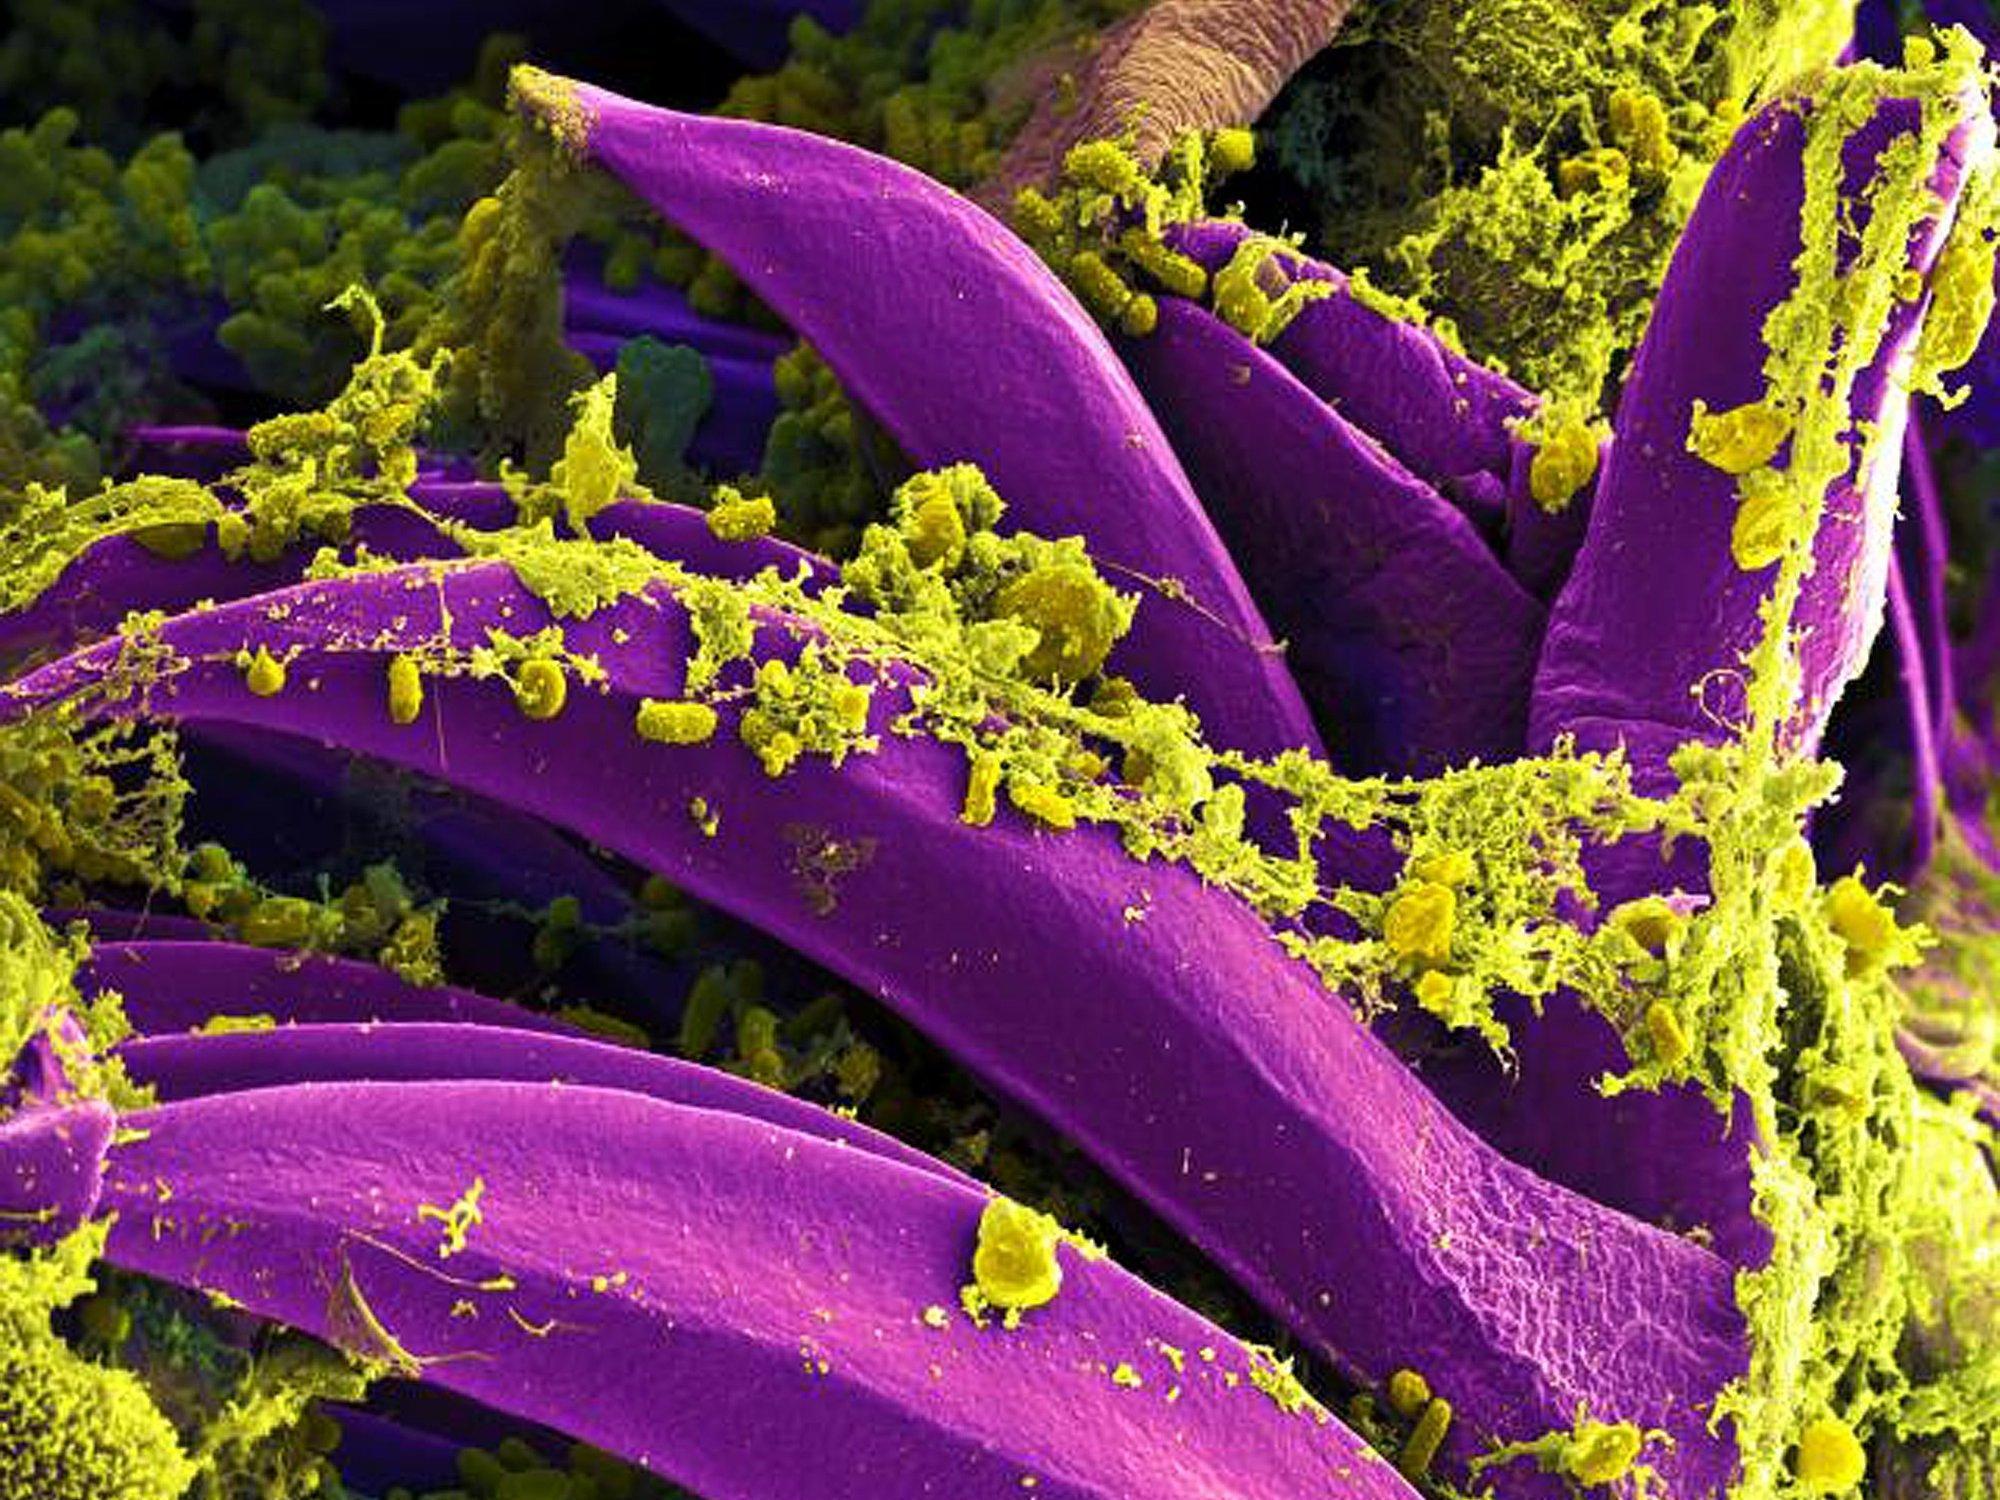 Периодическая болезнь защищала средиземноморцев от чумы